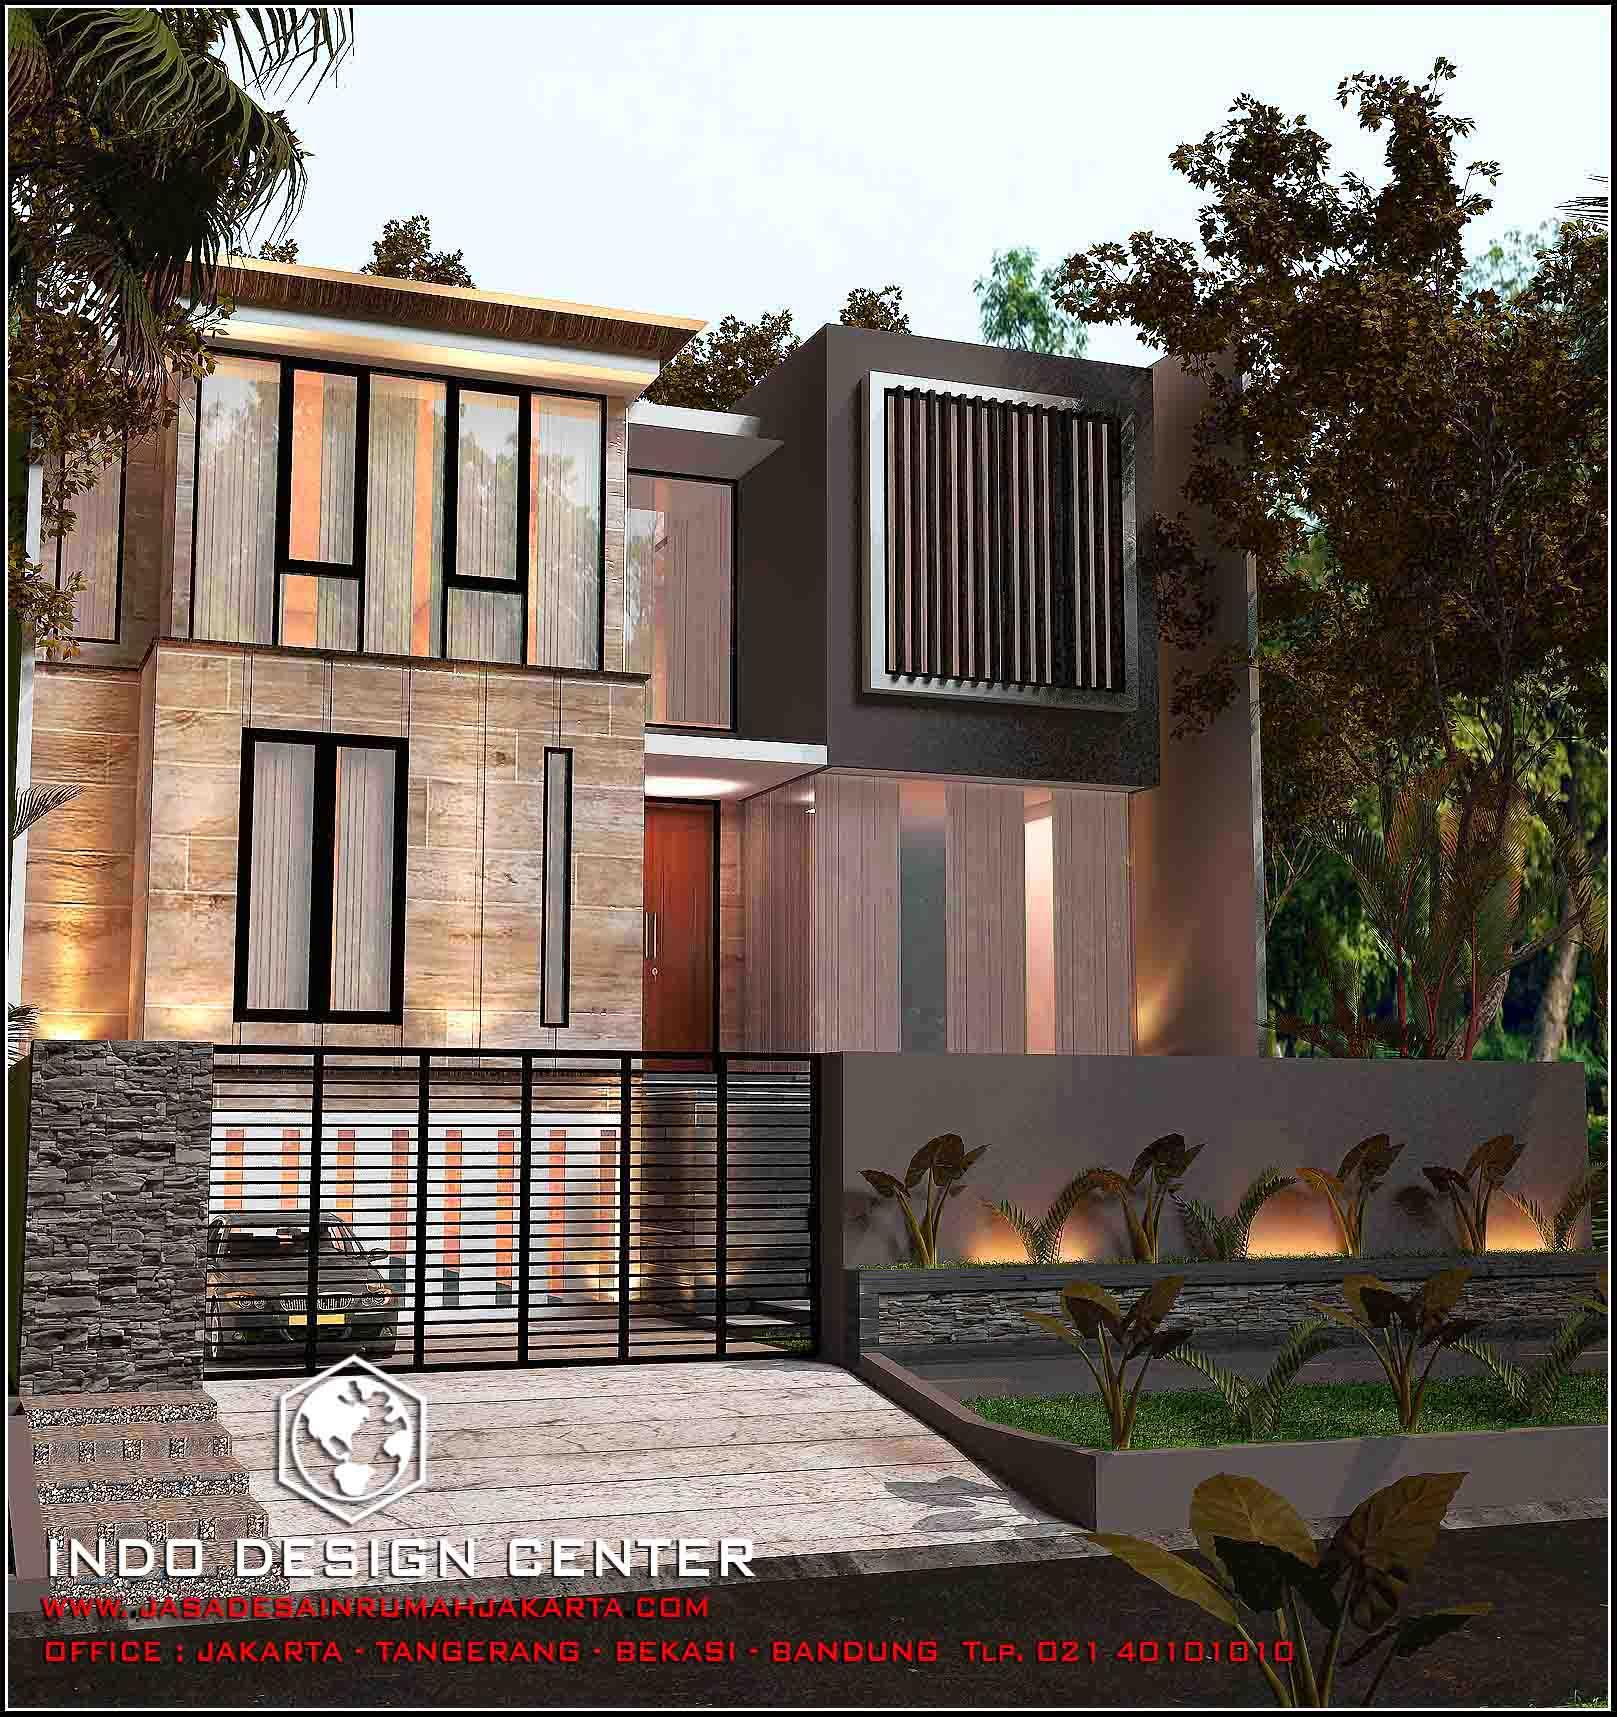 12 Desain Rumah Minimalis Modern 2 Lantai Mewah: Rumah Minimalis 2 Lantai Modern 2017